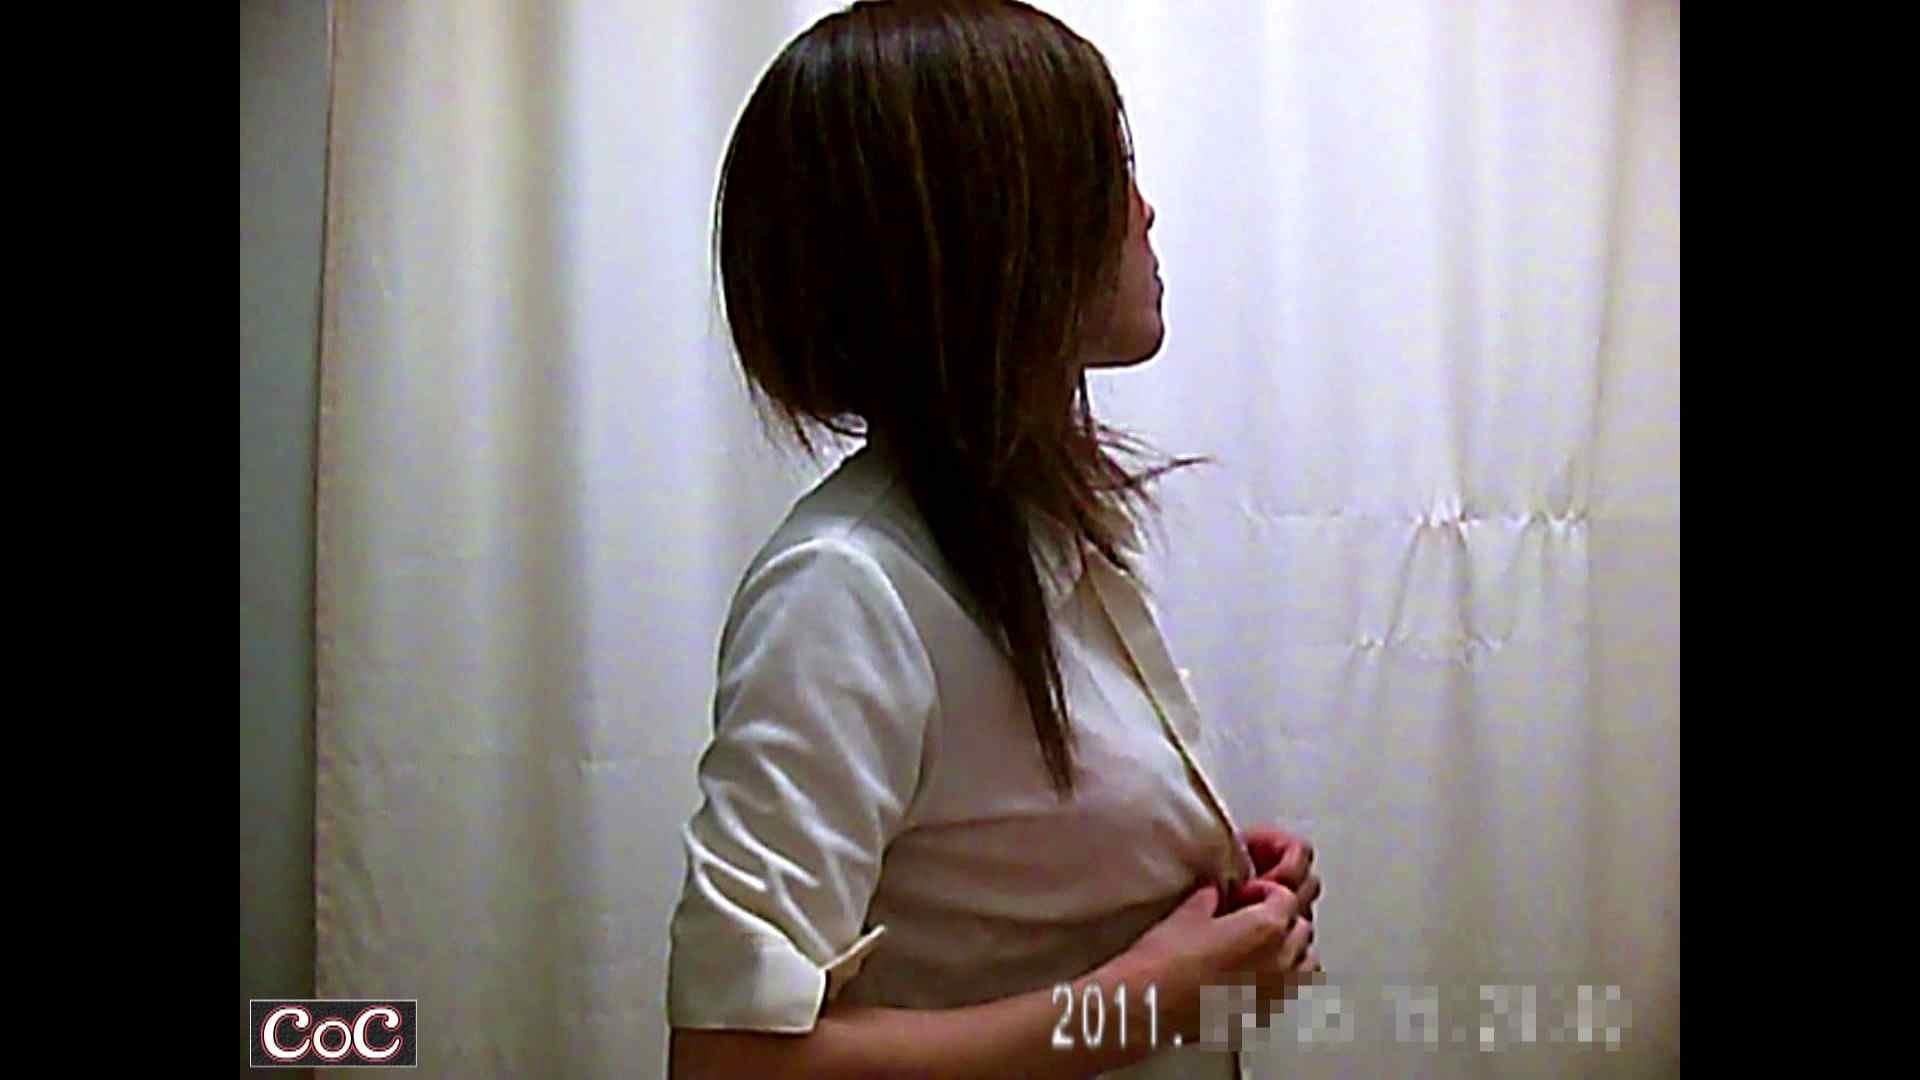 病院おもいっきり着替え! vol.20 巨乳 ヌード画像 106PIX 53